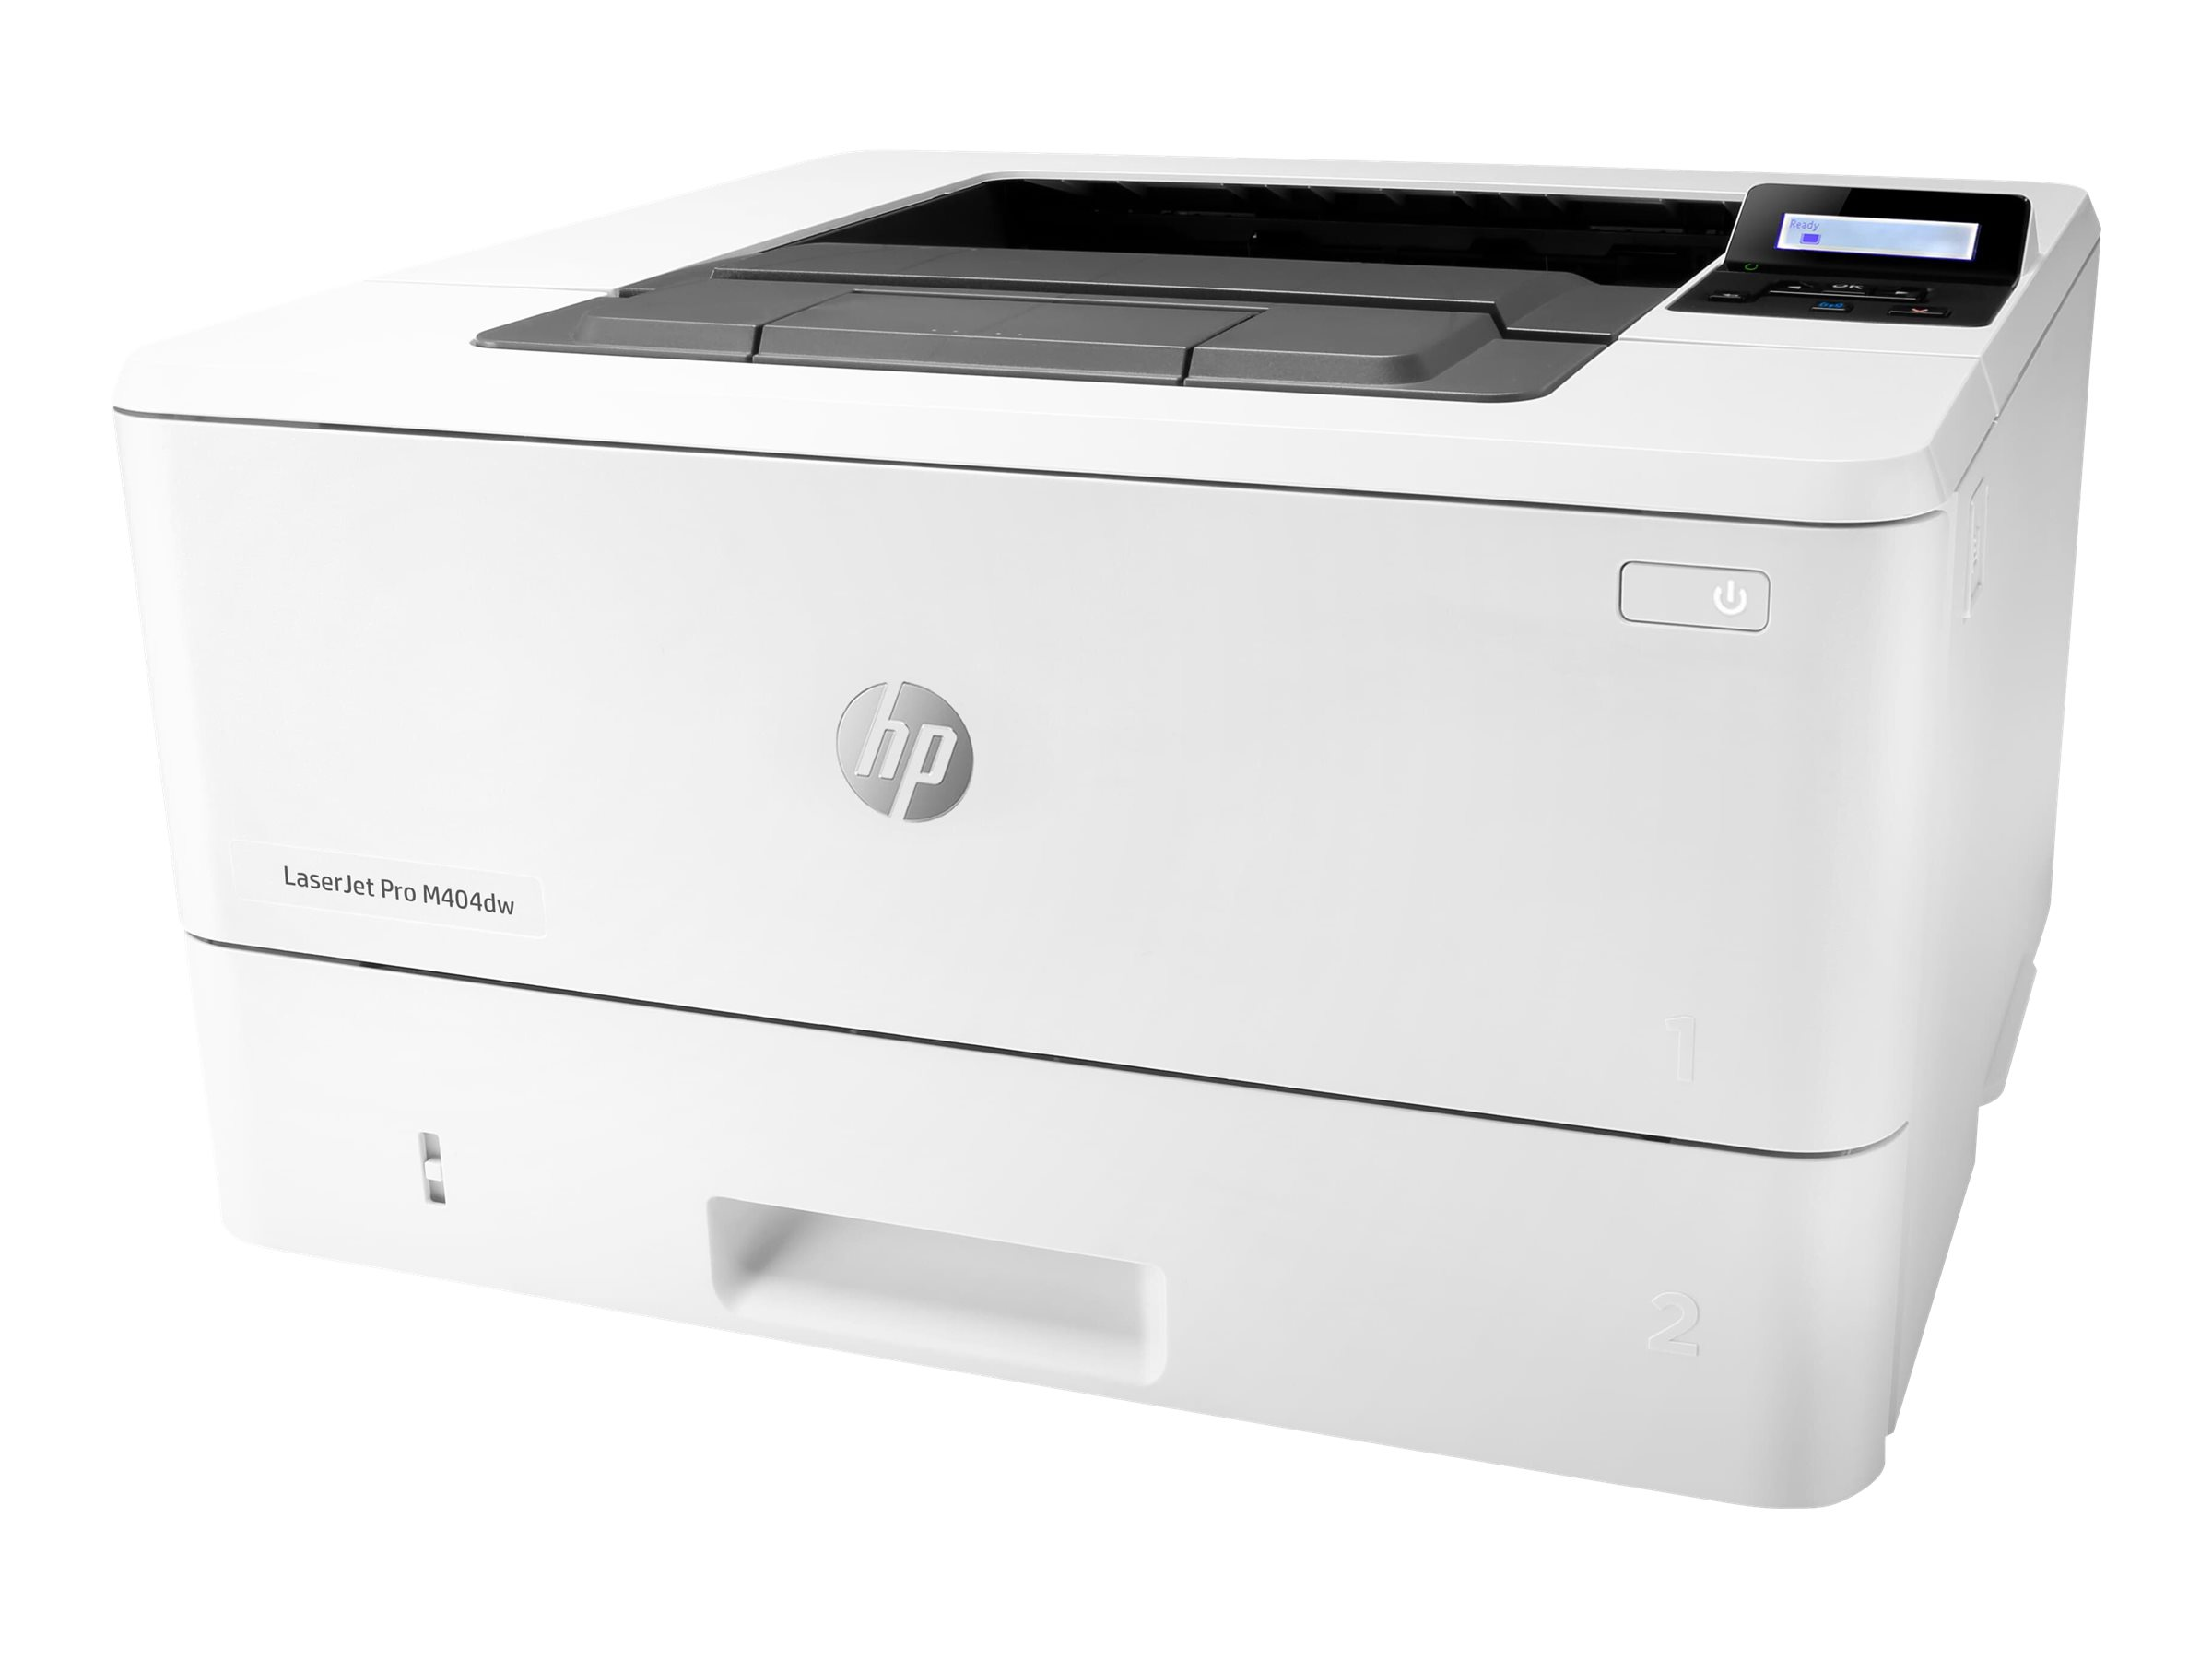 HP LaserJet Pro M404dw - Drucker - s/w - Duplex